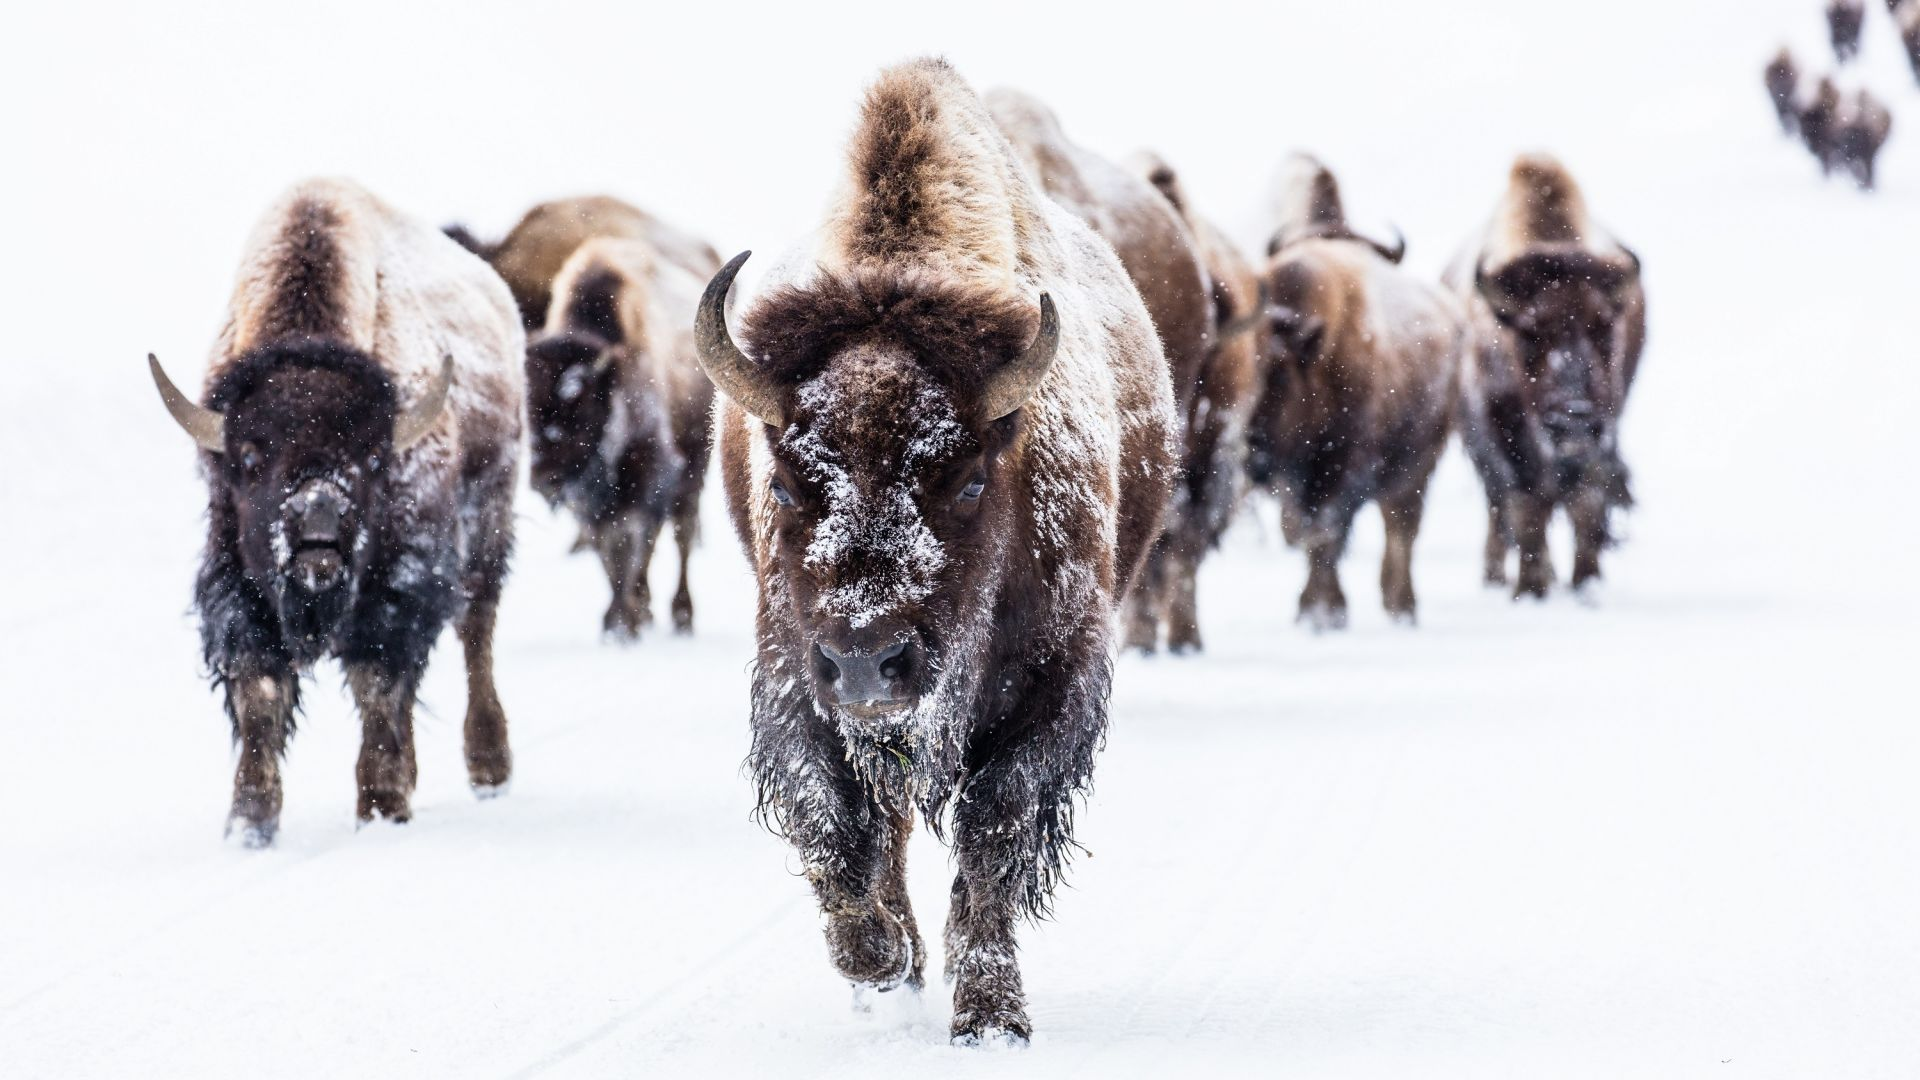 Wallpaper Bison, buffalo, herds, animal